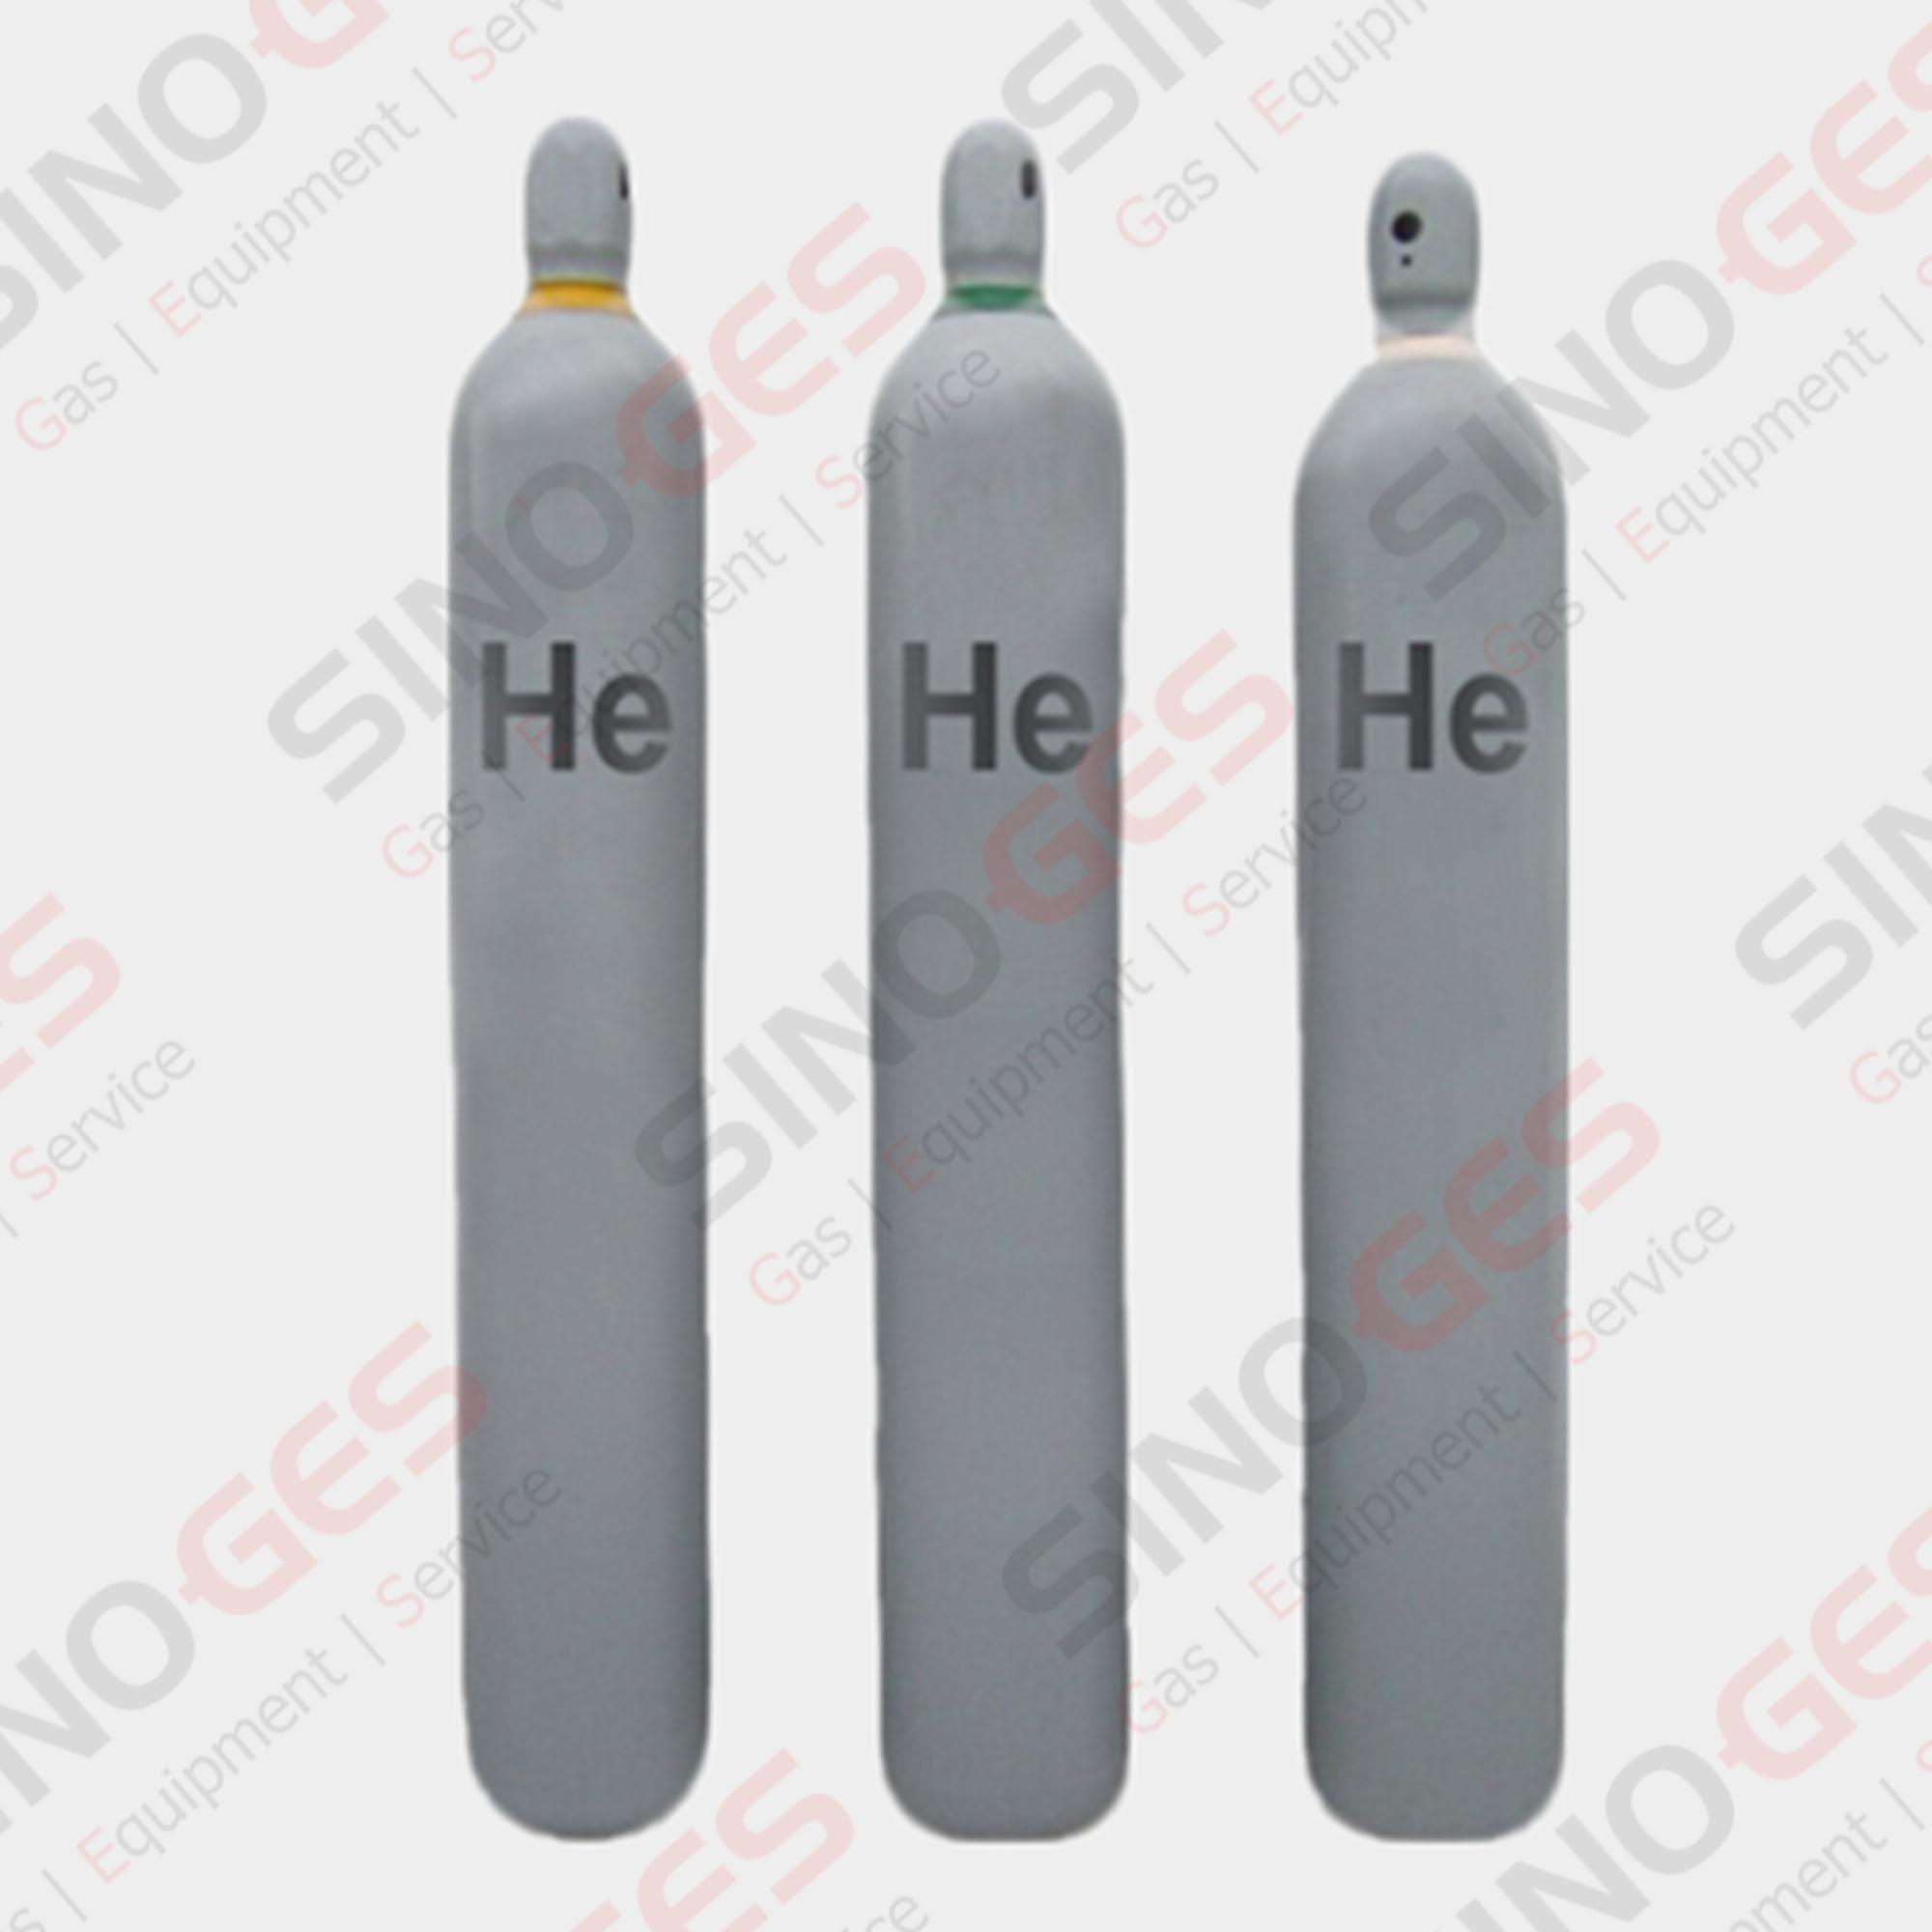 Helium 40L 5.5M3